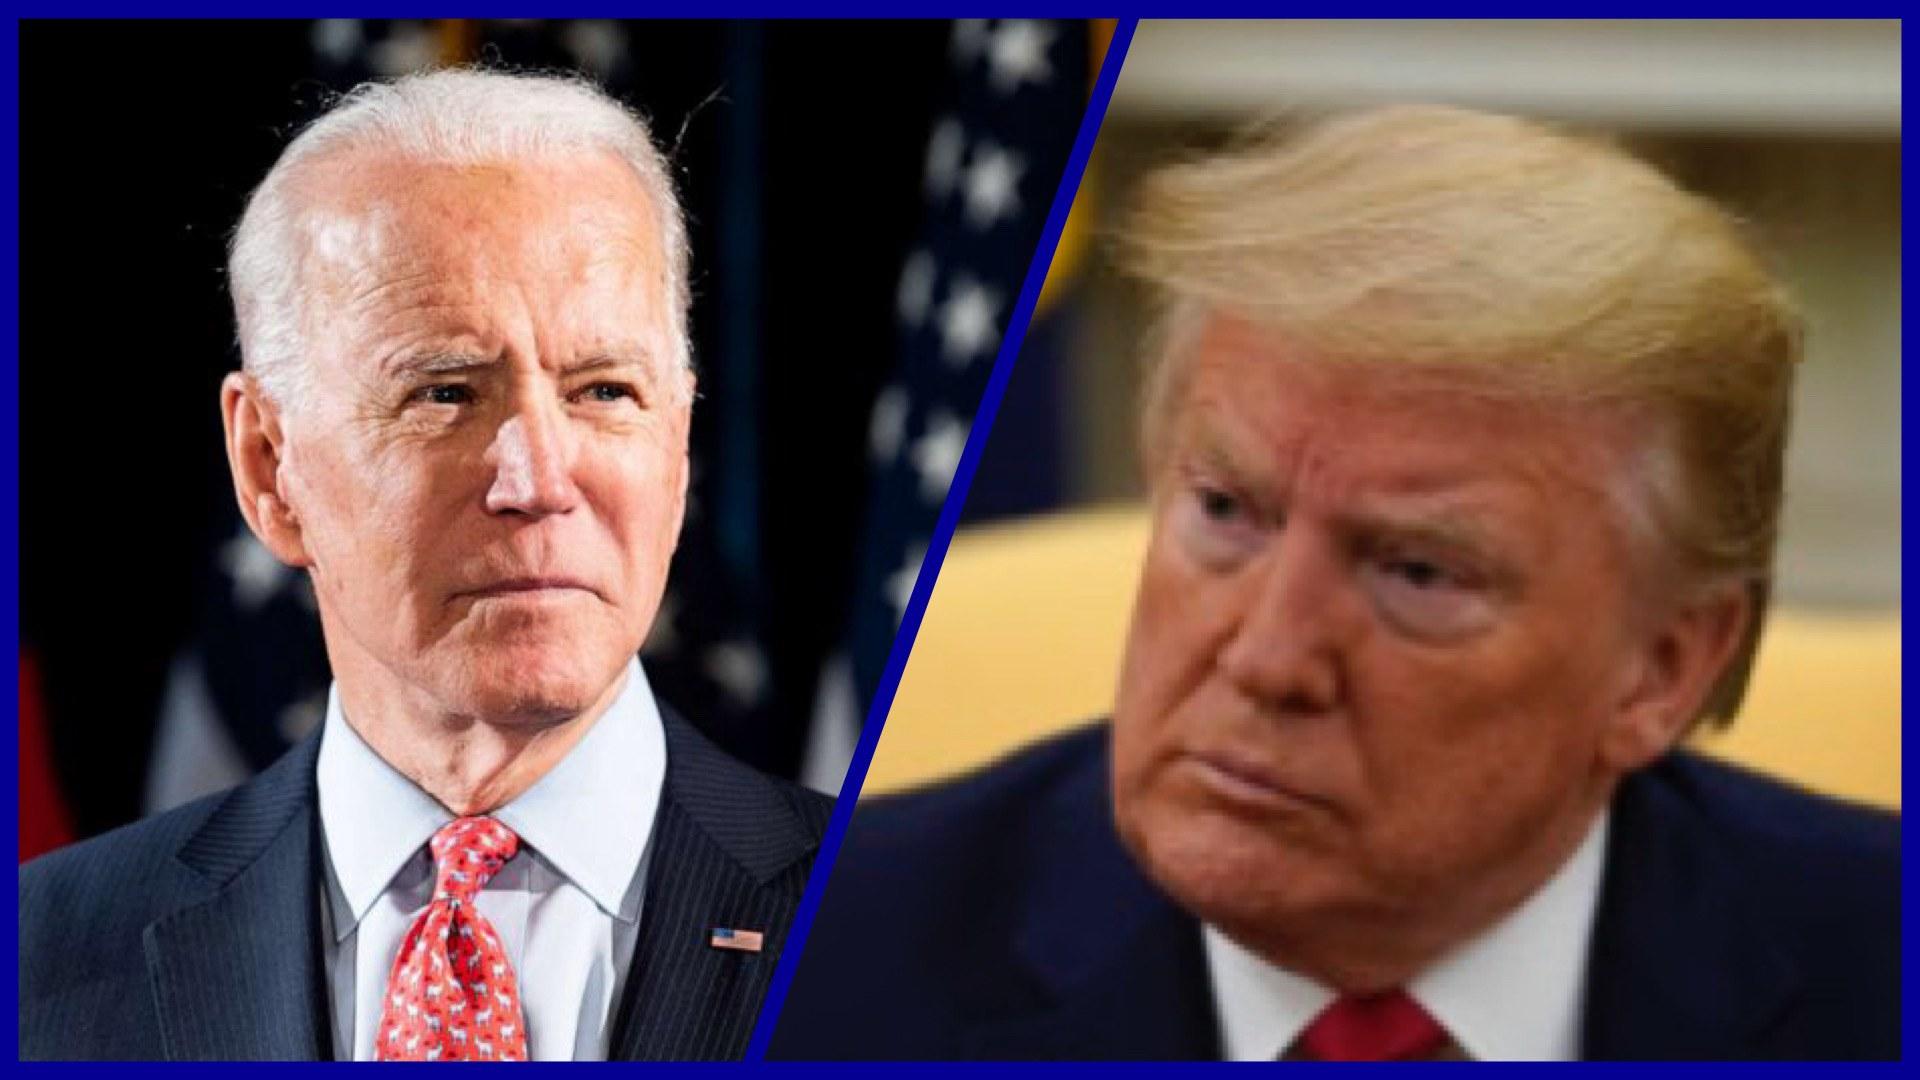 résultats - Joe Biden accuse Trump de vouloir utiliser l'armée « contre les Américains »